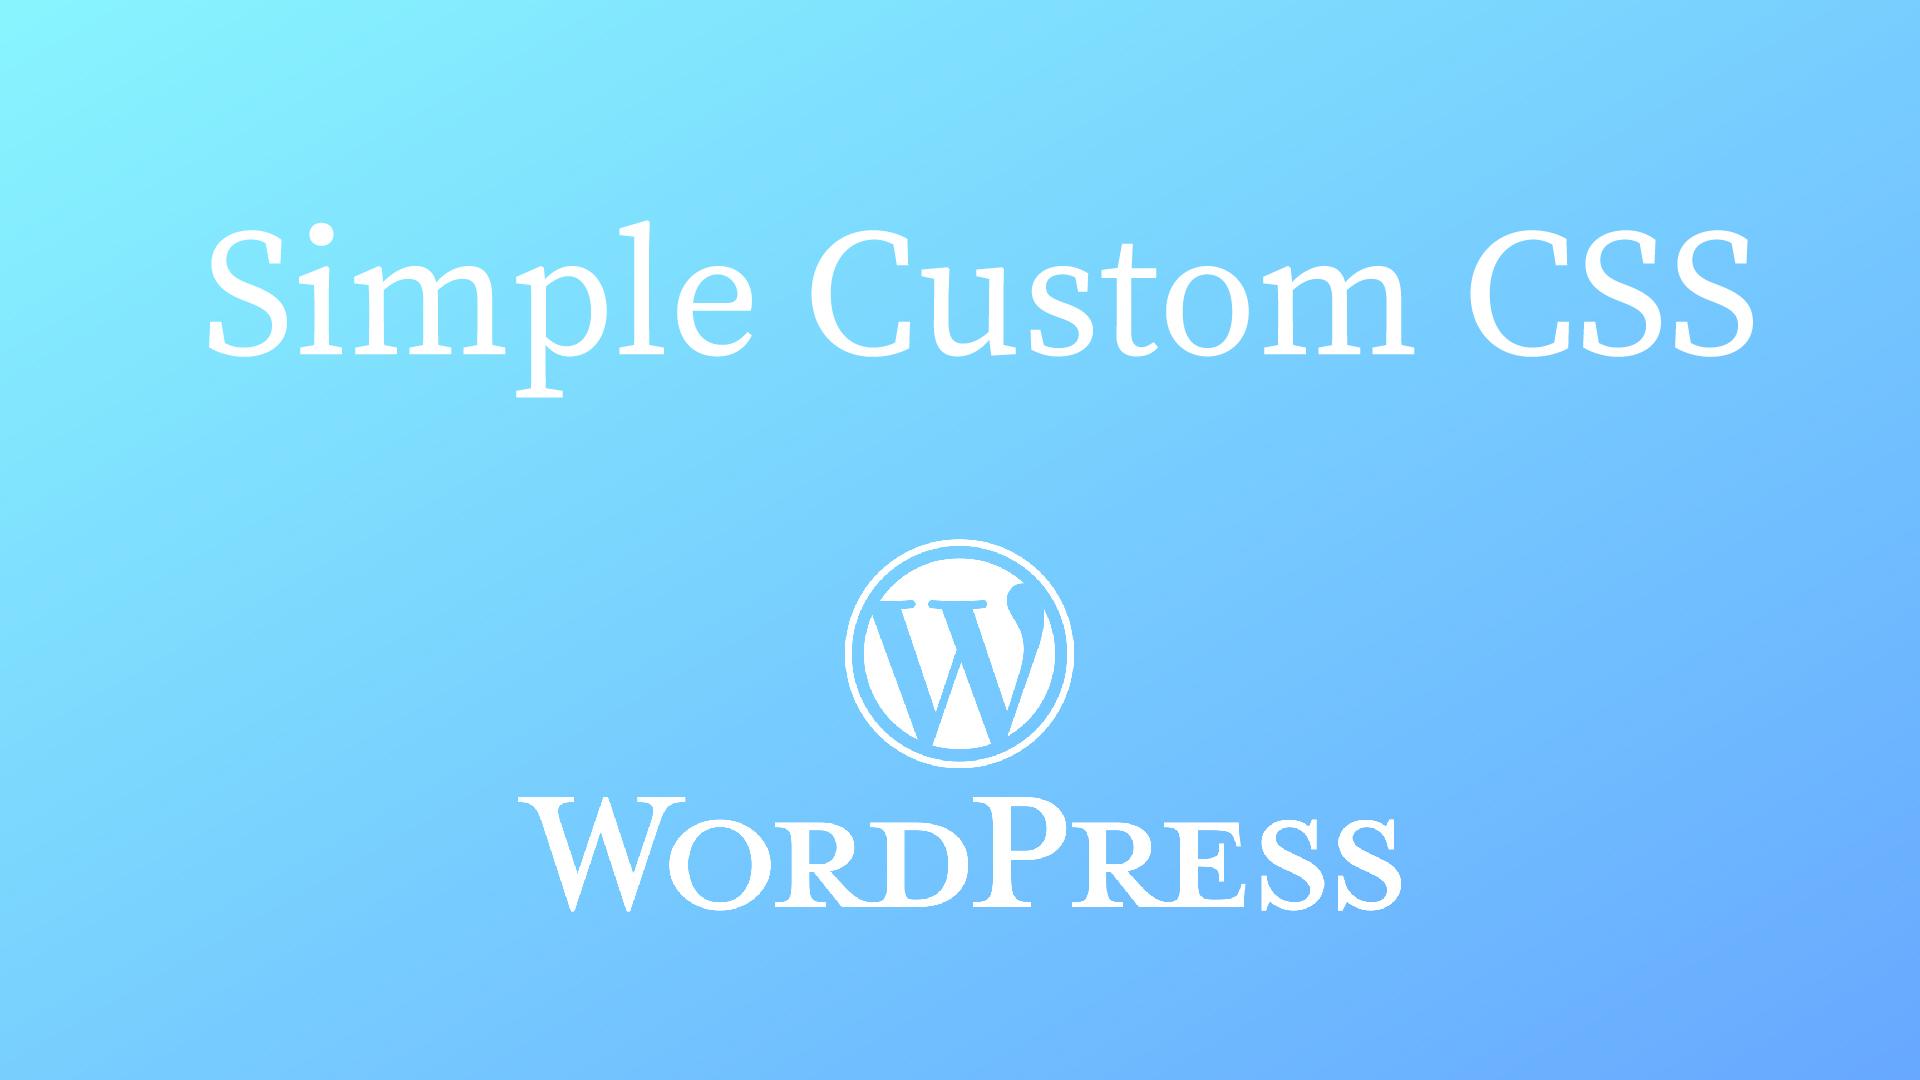 CSS追加が簡単に出来る!カスタマイズに使える!ワードプレスのプラグイン